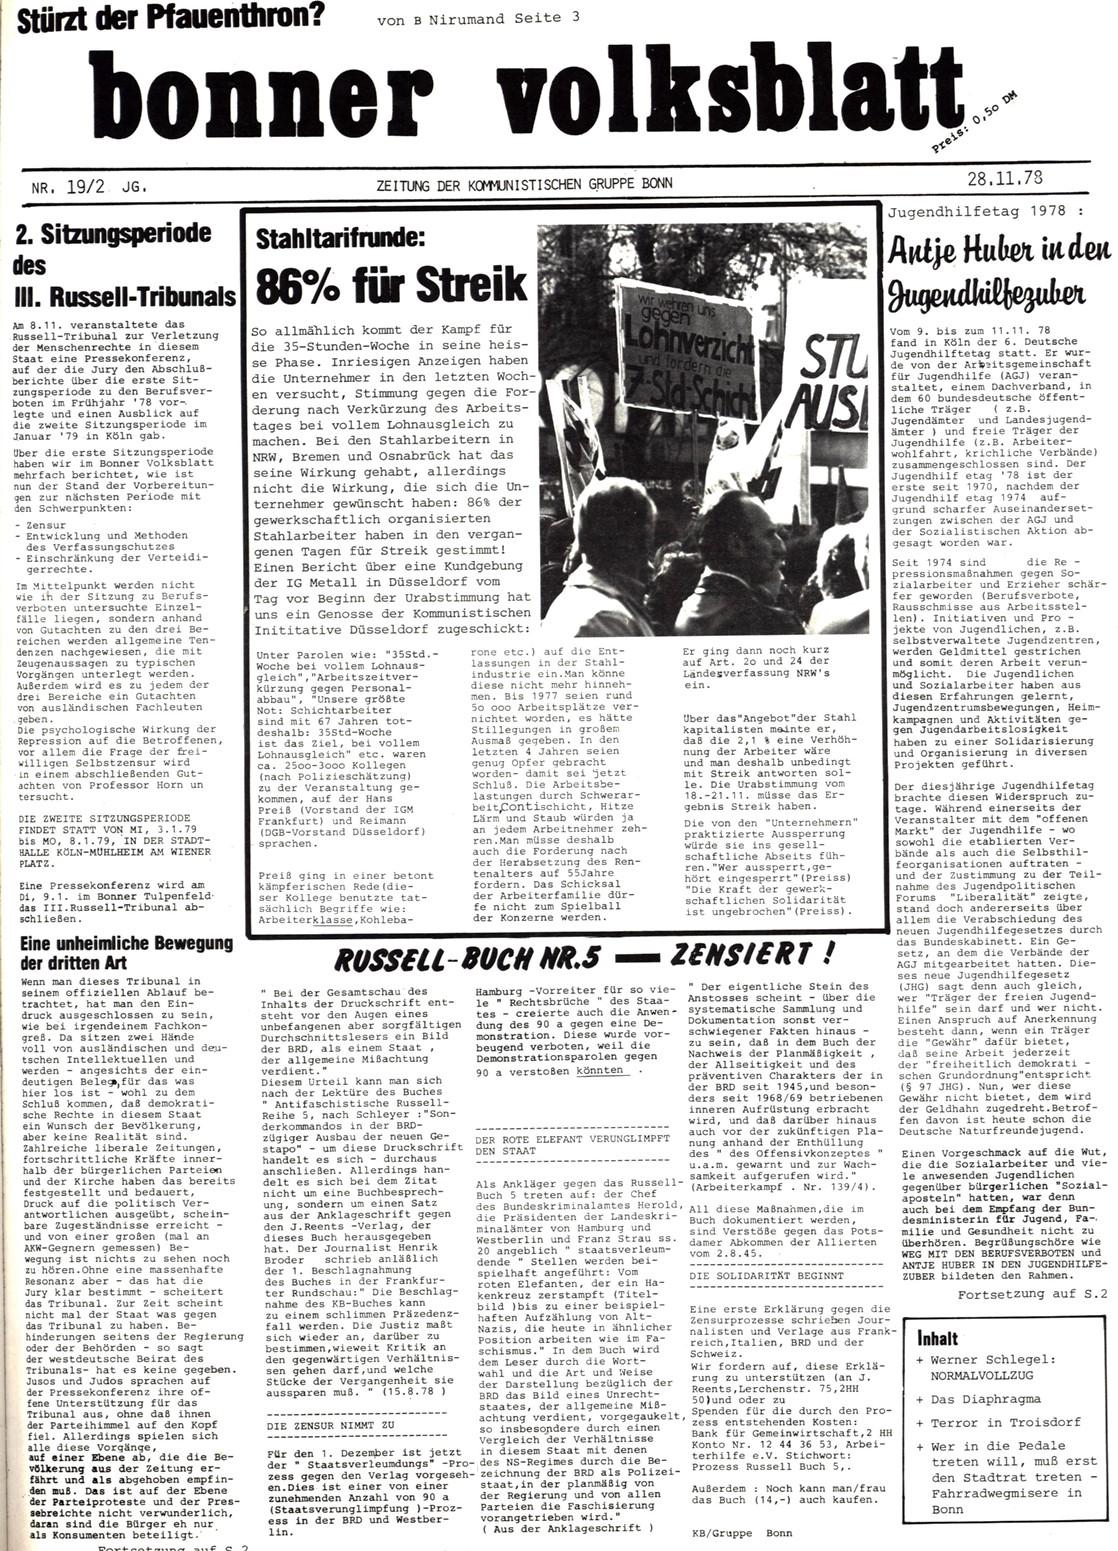 Bonner_Volksblatt_19_19781128_01